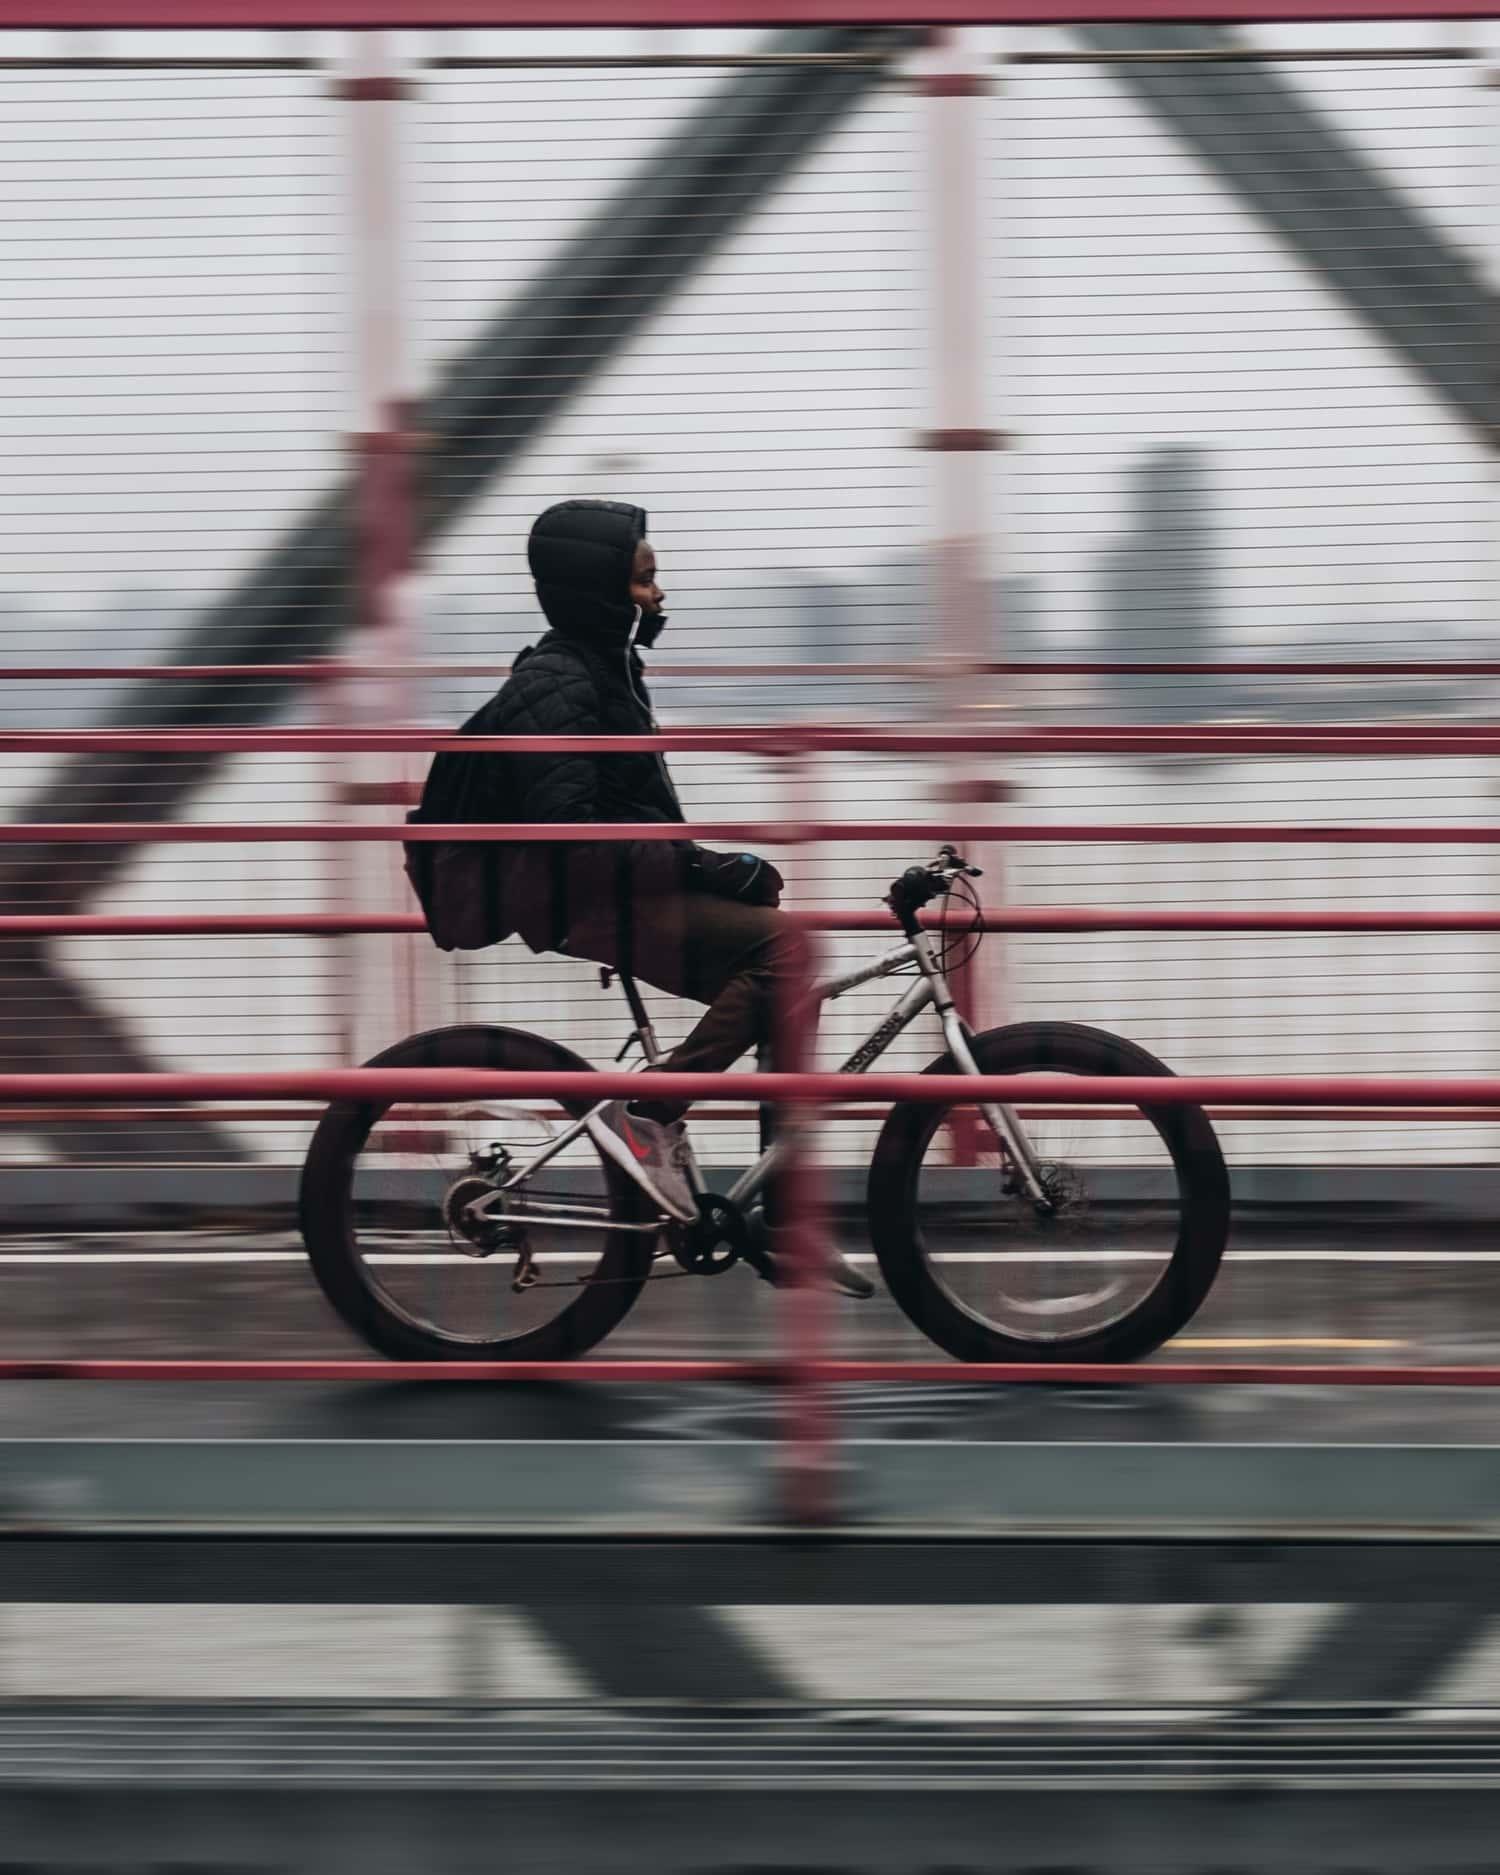 Barrido en fotografía urbana, técnica para transmitir el movimiento